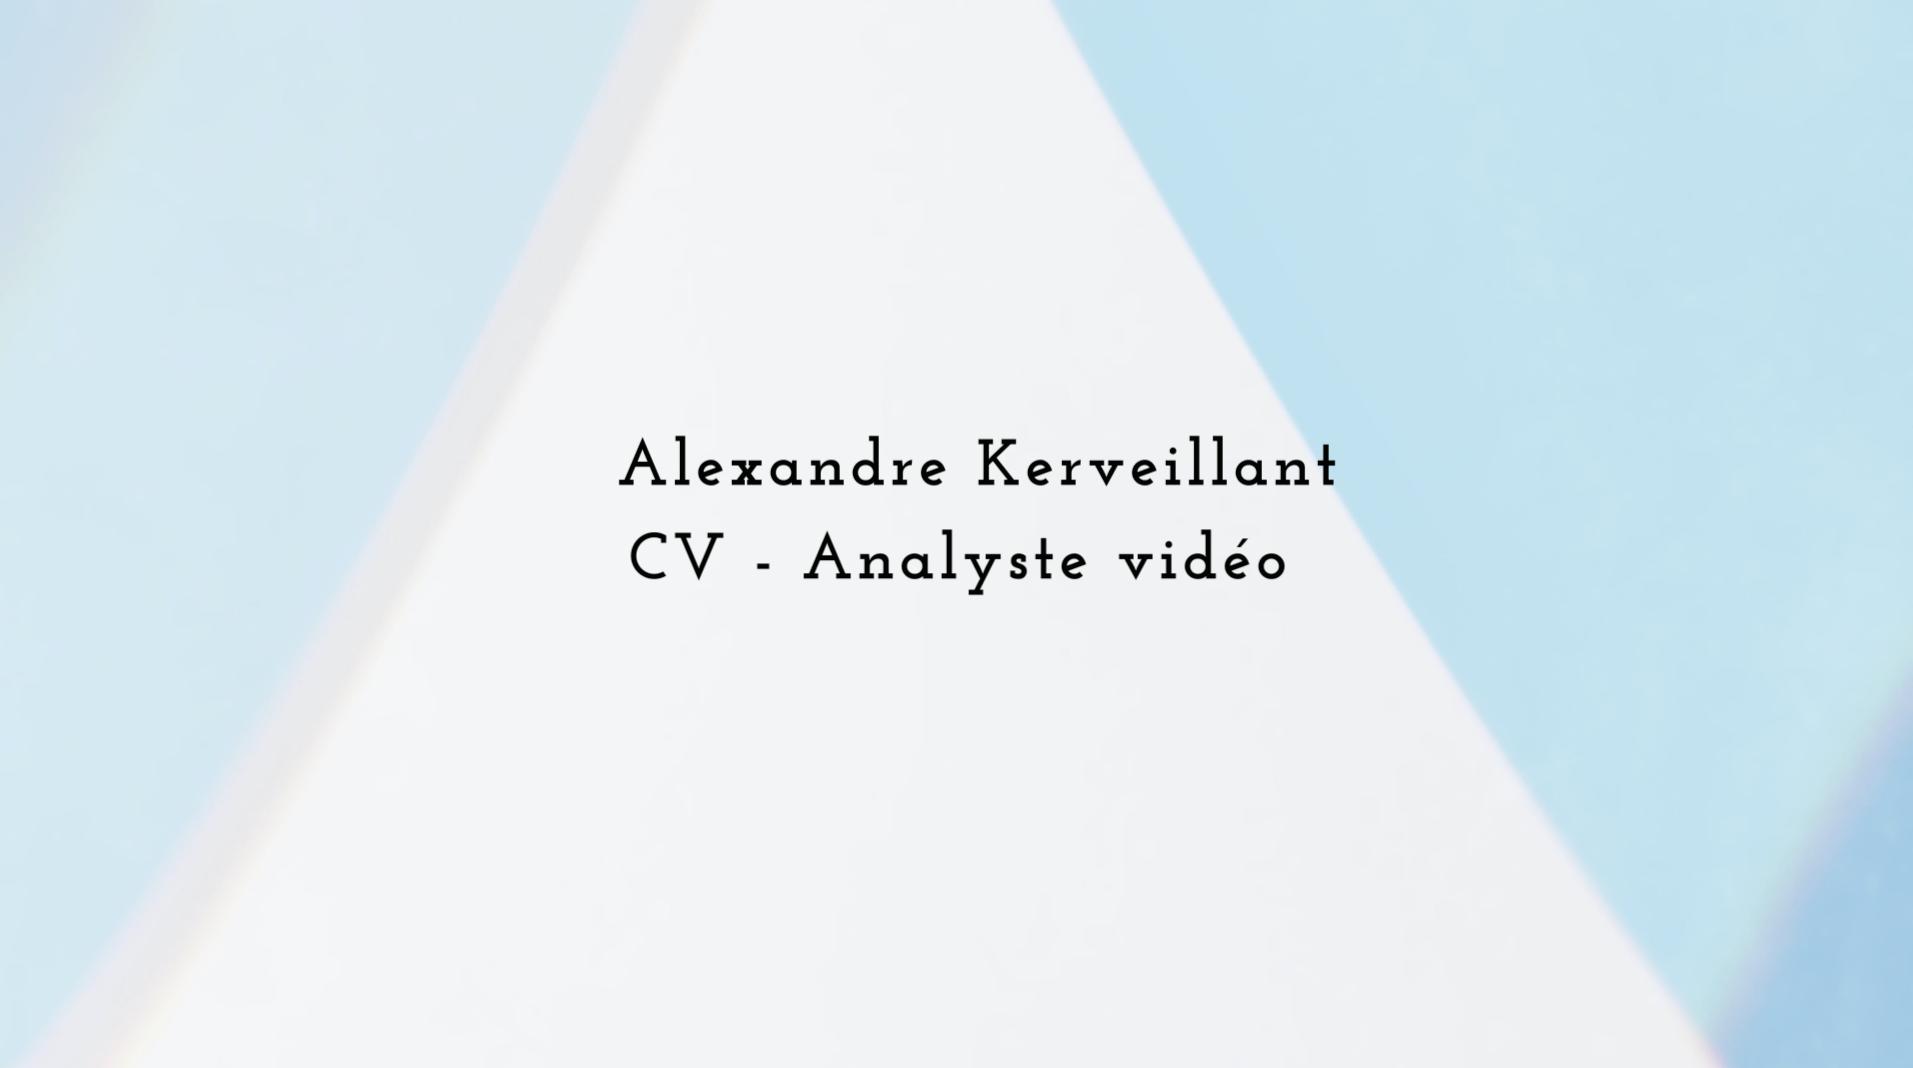 CV vidéo Alexandre Kerveillant